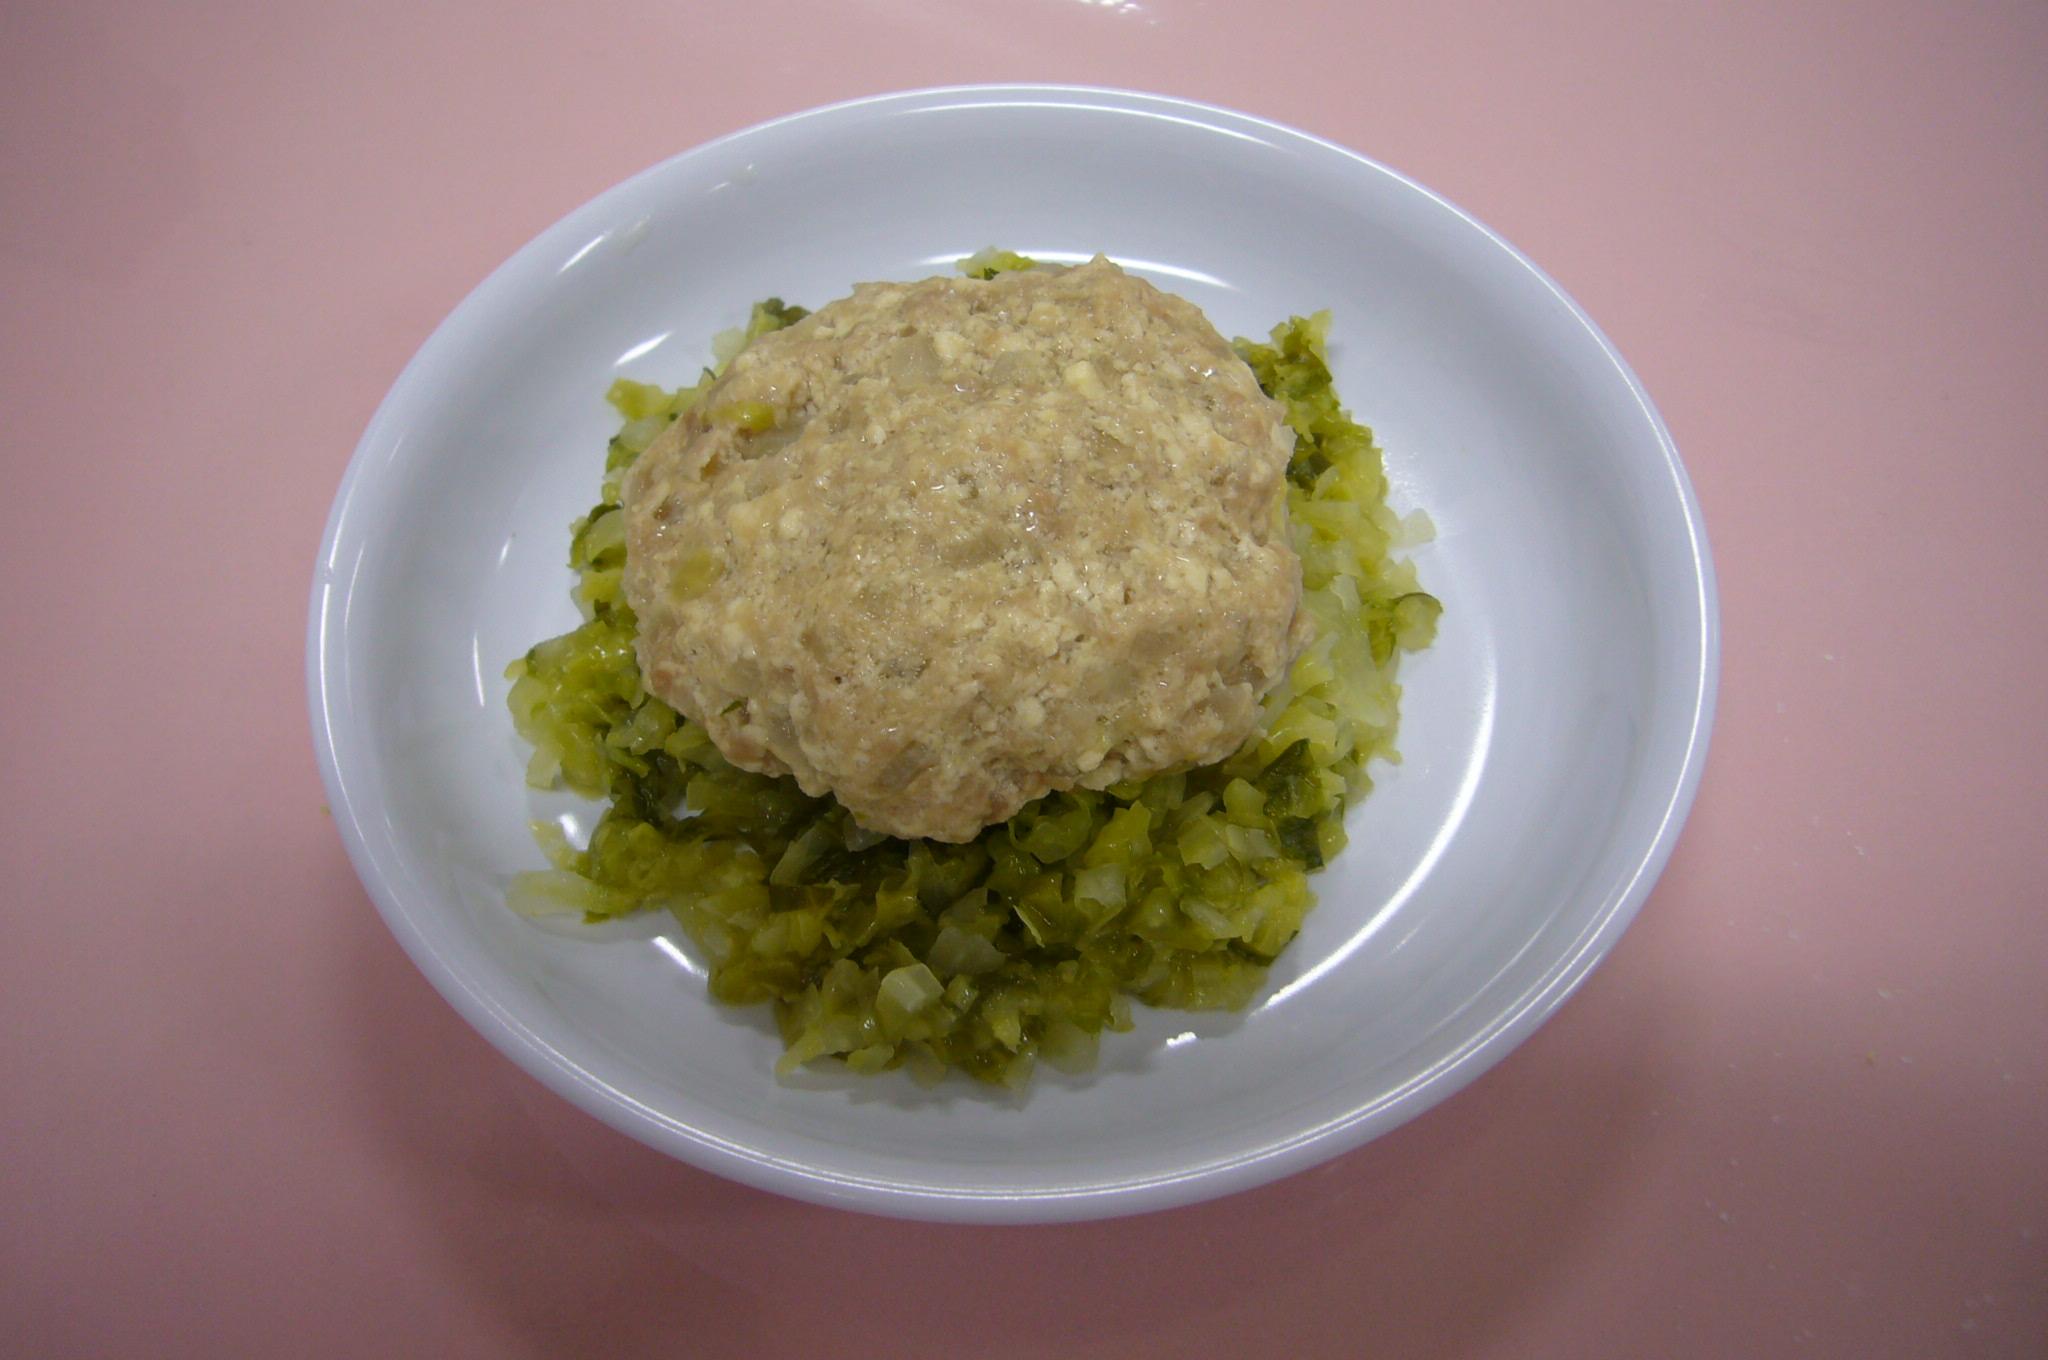 豆腐ハンバーグ(大人と一緒に楽しめるメニュー)